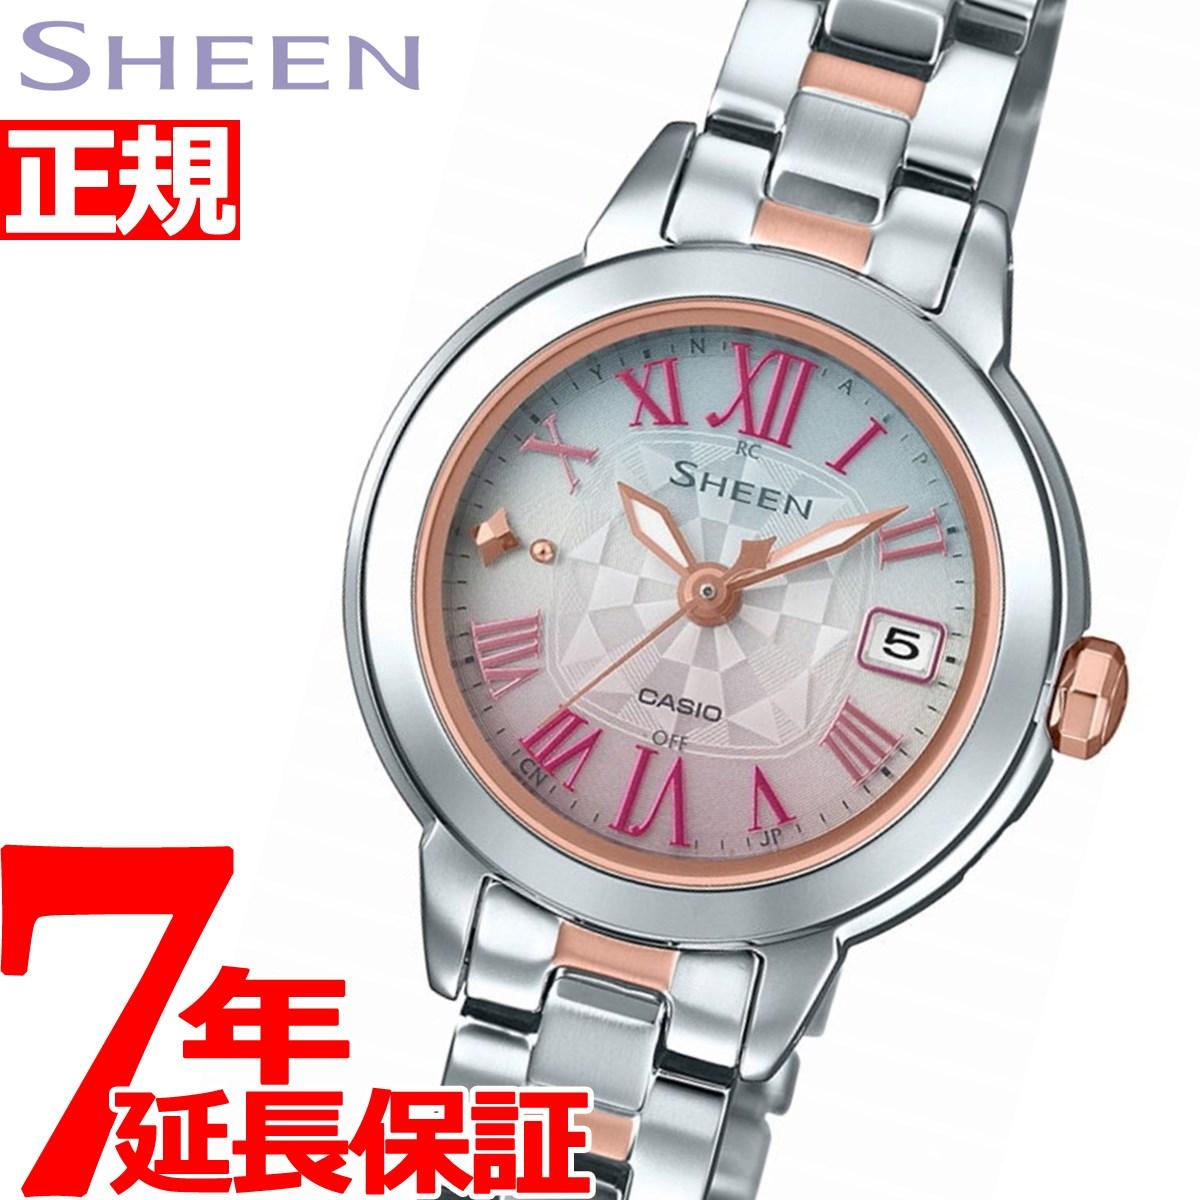 カシオ シーン CASIO SHEEN 電波 ソーラー 電波時計 腕時計 レディース SHW-5000DSG-4AJF【2018 新作】